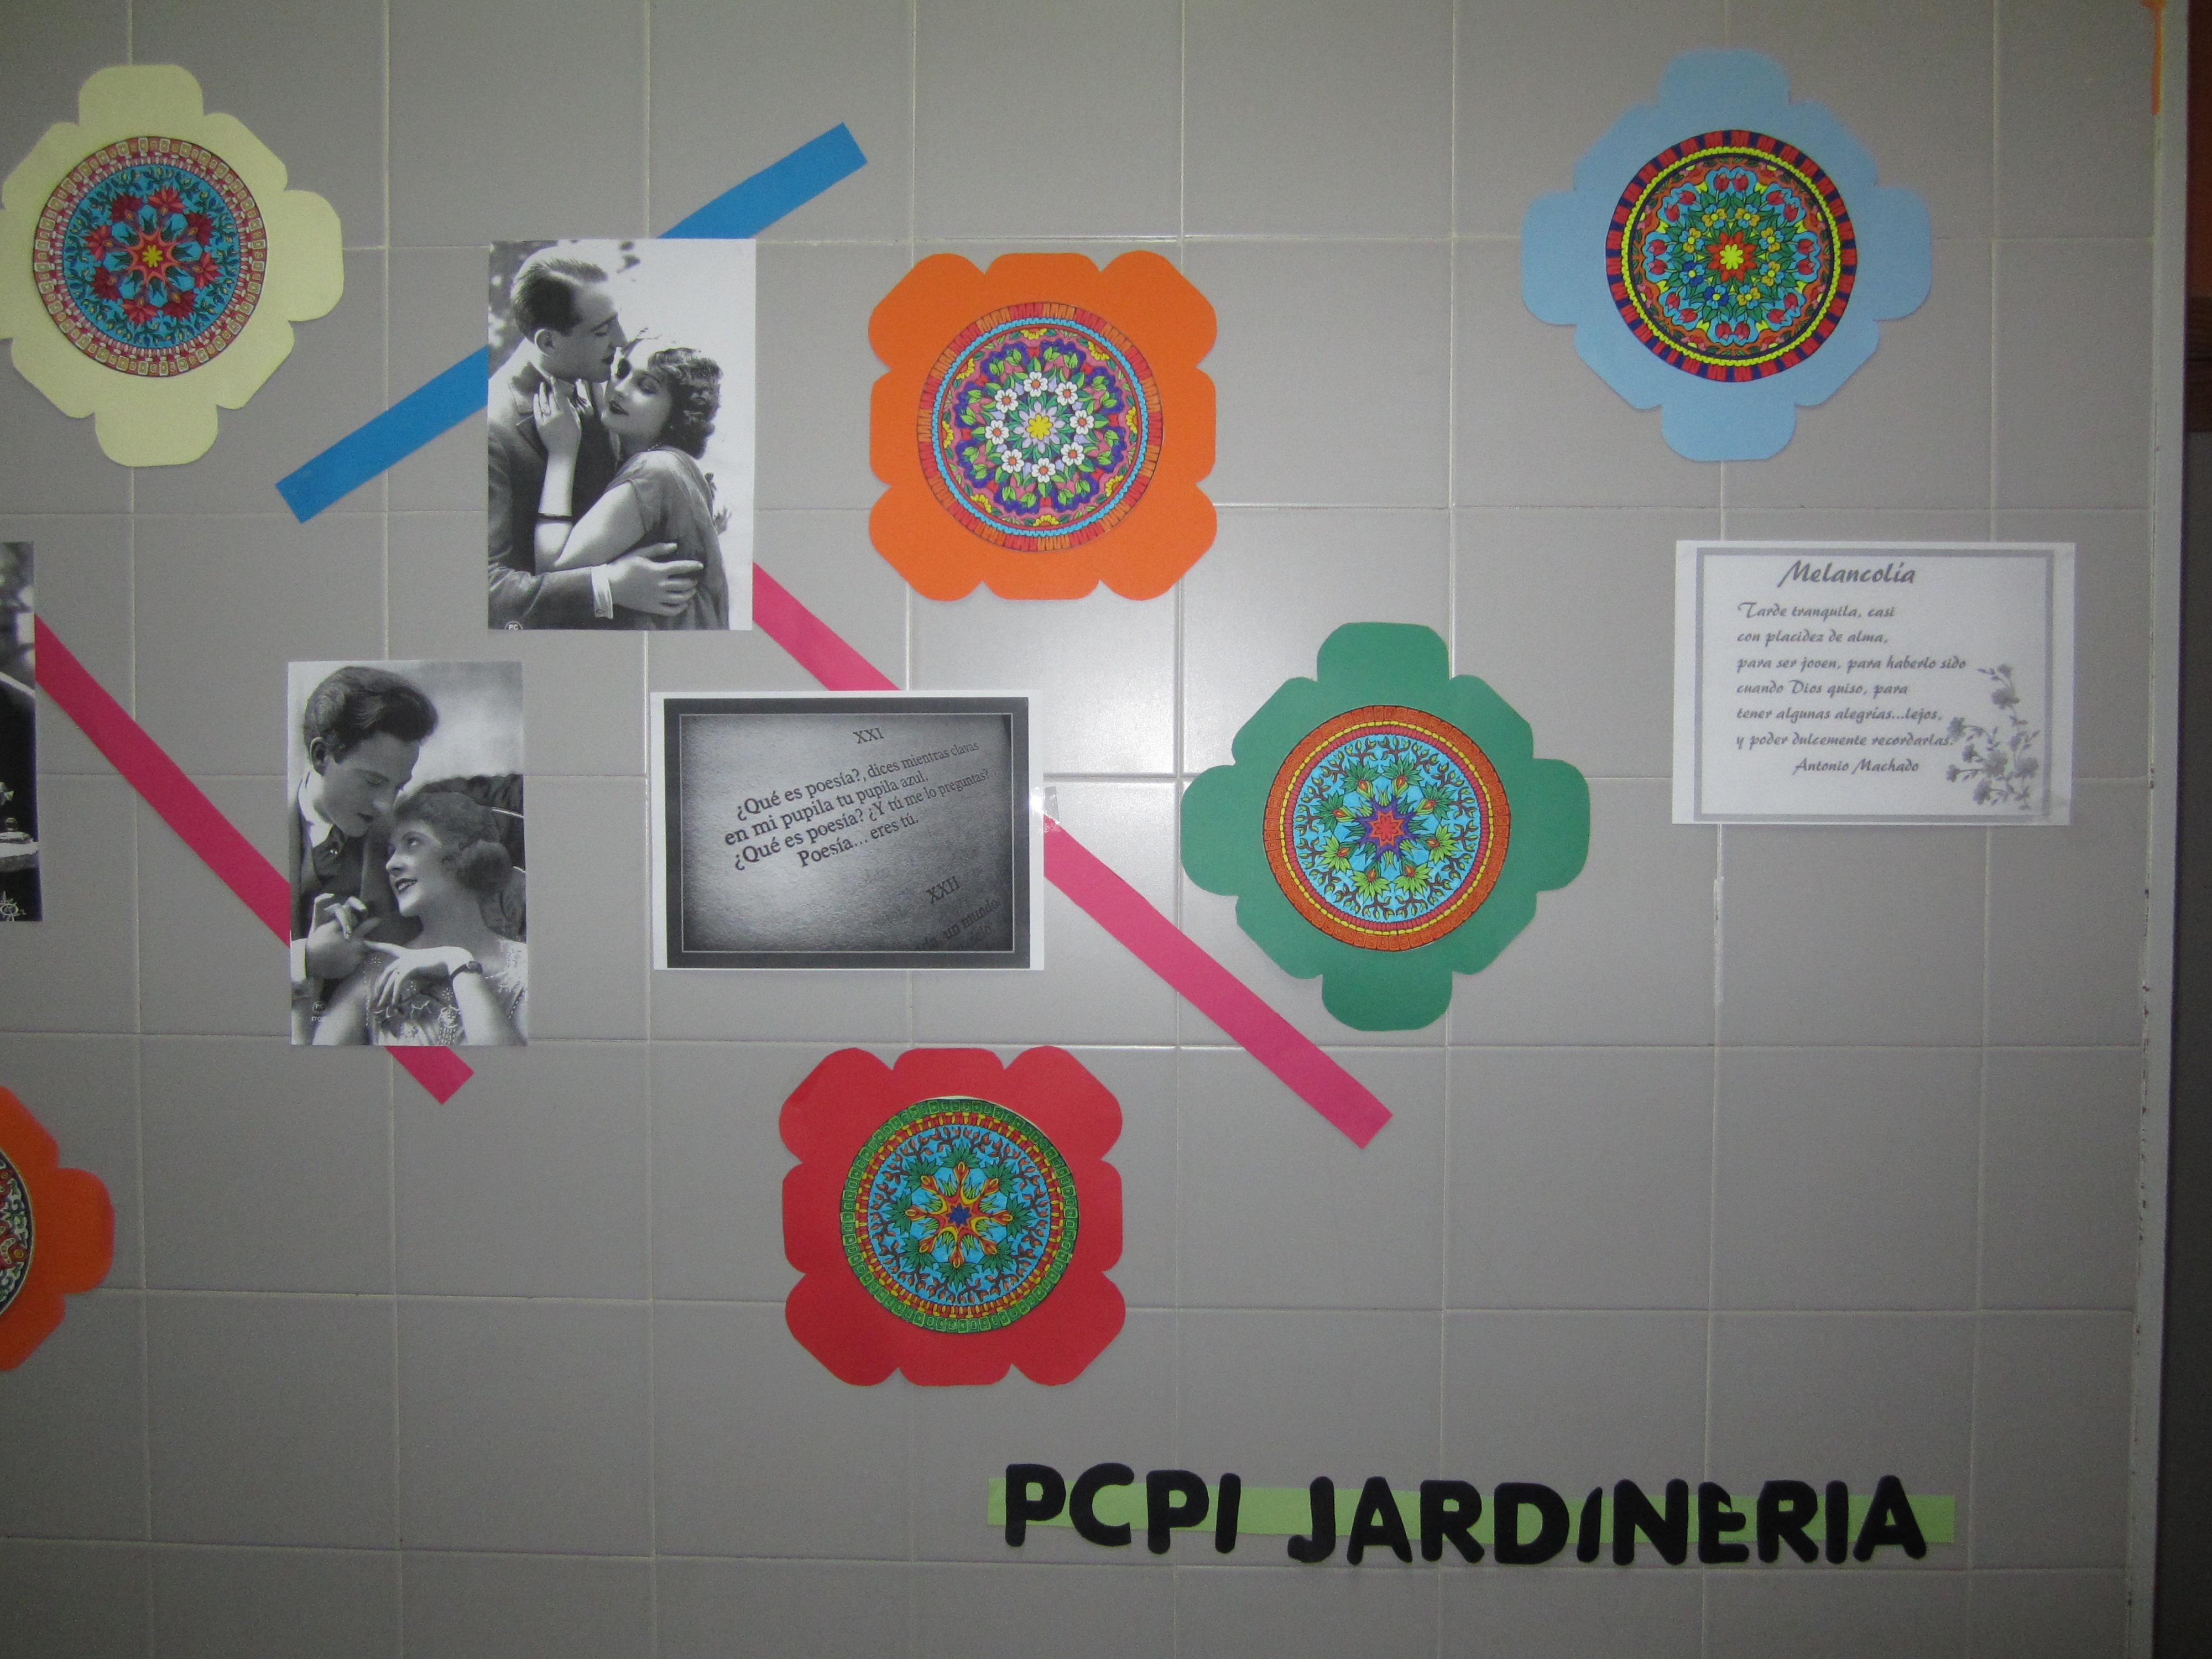 PCPI Jardinería